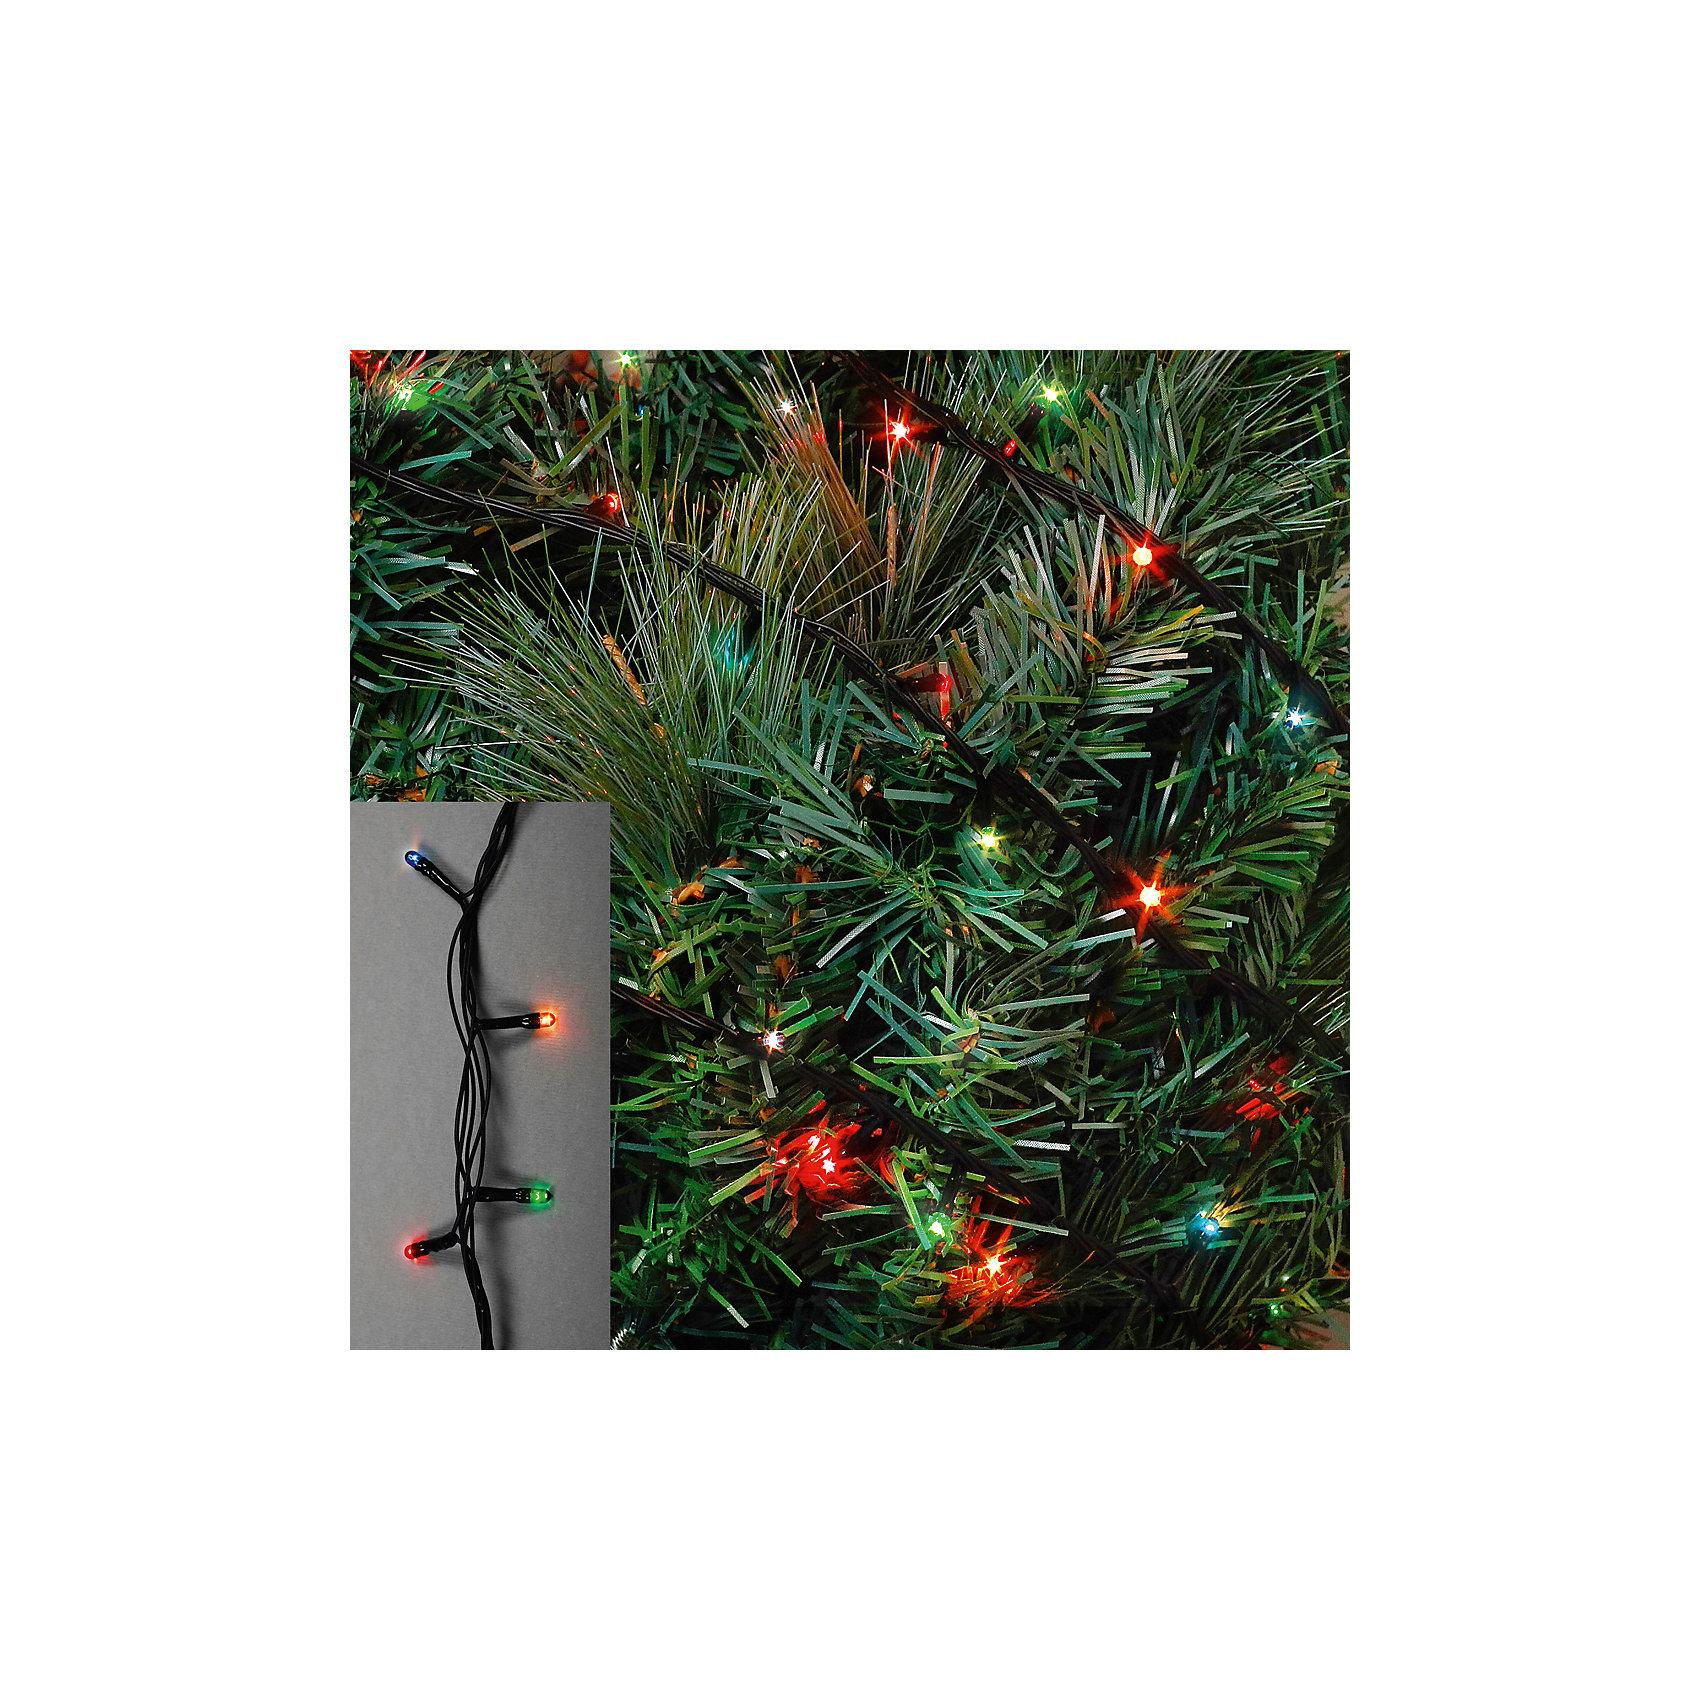 Электрогирлянда, 140 лампочек (10 Вт, 220В) 4мВсё для праздника<br>У новогодней атмосферы есть несколько незаменимых и классических атрибутов. Это: ёлка, снег, игрушки, подарки и, конечно, новогодние гирлянды. Важно подобрать идеальный вариант для праздника. У данной модели электрогирлянды каждая лампочка излучает яркий и сочный цвет, создающий праздничную обстановку. Количество лампочек и длину гирлянды можно выбрать каждому на свой вкус. Материалы, использованные при изготовлении товара, абсолютно безопасны и отвечают всем международным требованиям по качеству. <br><br>Дополнительные характеристики:<br><br>количество лампочек: 140 шт;<br>длина: 400 см;<br>мощность: 10 Вт;<br>напряжение: 220В.<br><br>Электрогирлянду от компании Феникс Present можно приобрести в нашем магазине.<br><br>Ширина мм: 100<br>Глубина мм: 100<br>Высота мм: 60<br>Вес г: 87<br>Возраст от месяцев: 36<br>Возраст до месяцев: 2147483647<br>Пол: Унисекс<br>Возраст: Детский<br>SKU: 4981617